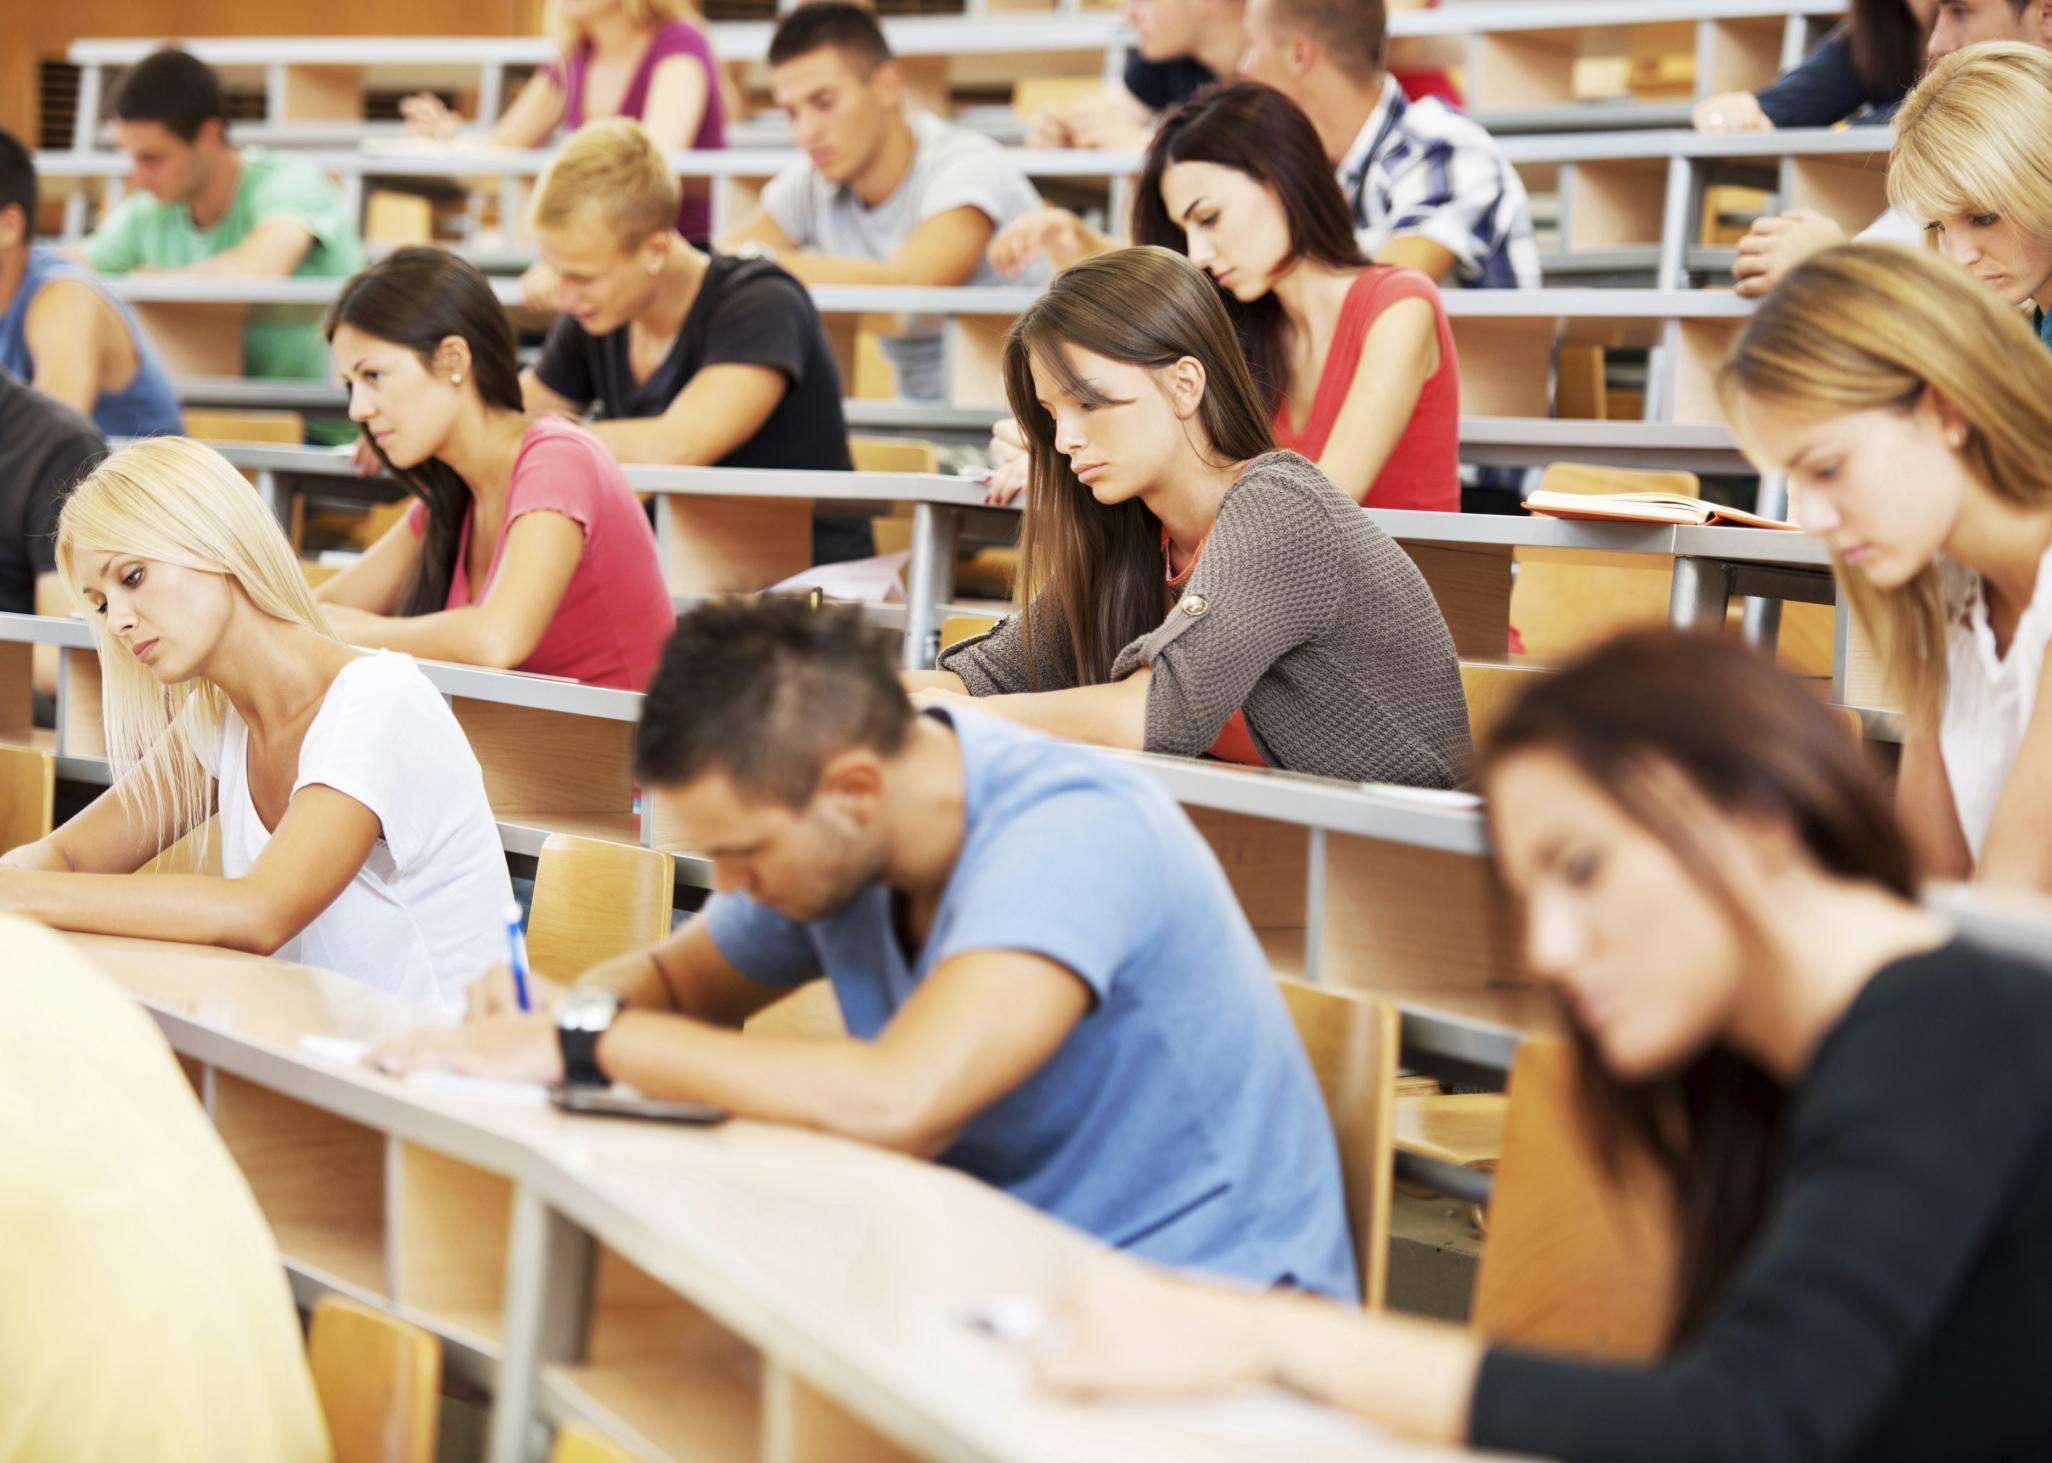 我们的选择这么多,为什么要偏偏选择美国留学?